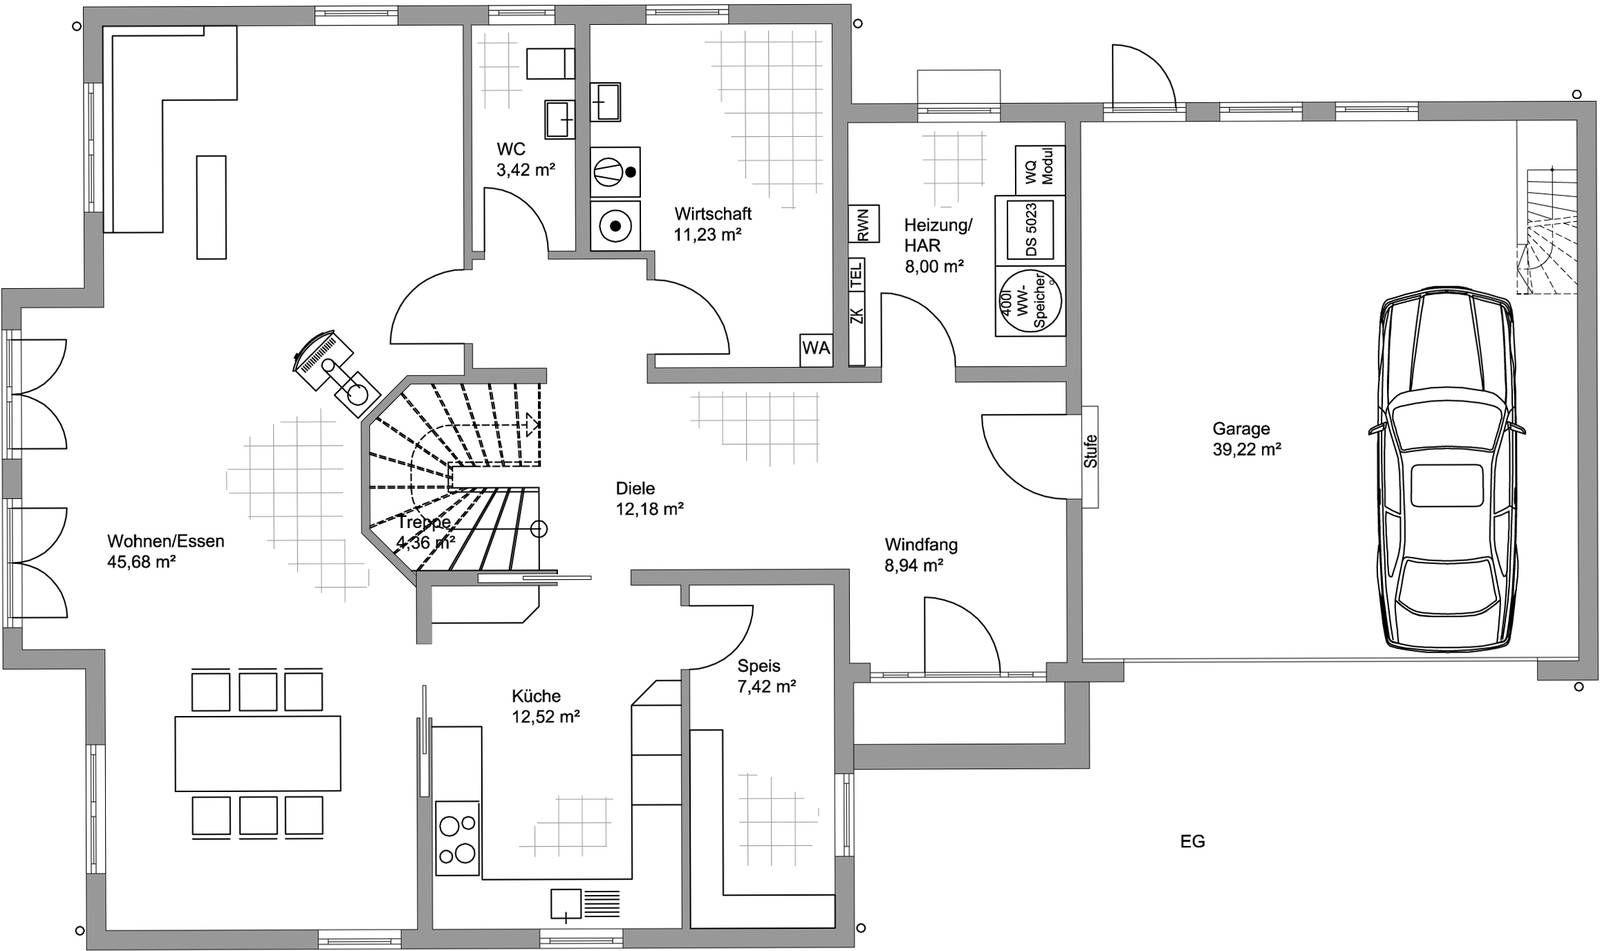 Das Klassische Haus Wirkt Durch Viele Symmetrische Fensterflächen Einladend  Und Harmonisch. Die Hellblaue Fassade Macht